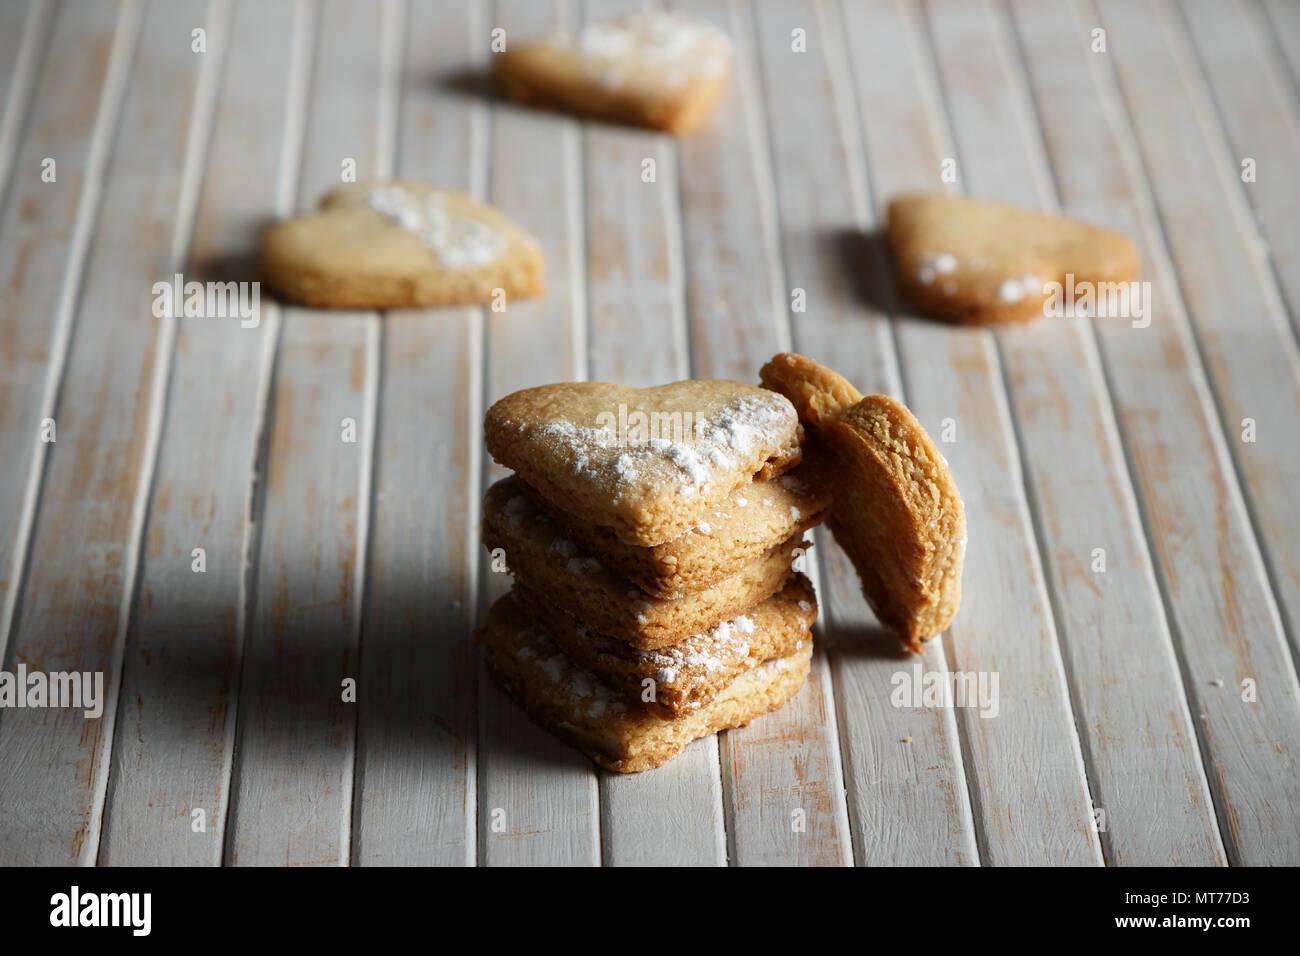 Köstliche hausgemachte herzförmige Plätzchen mit Puderzucker in eine Holzplatte bestreut. Bild horizontal. Dunkle moody Stil. Stockbild